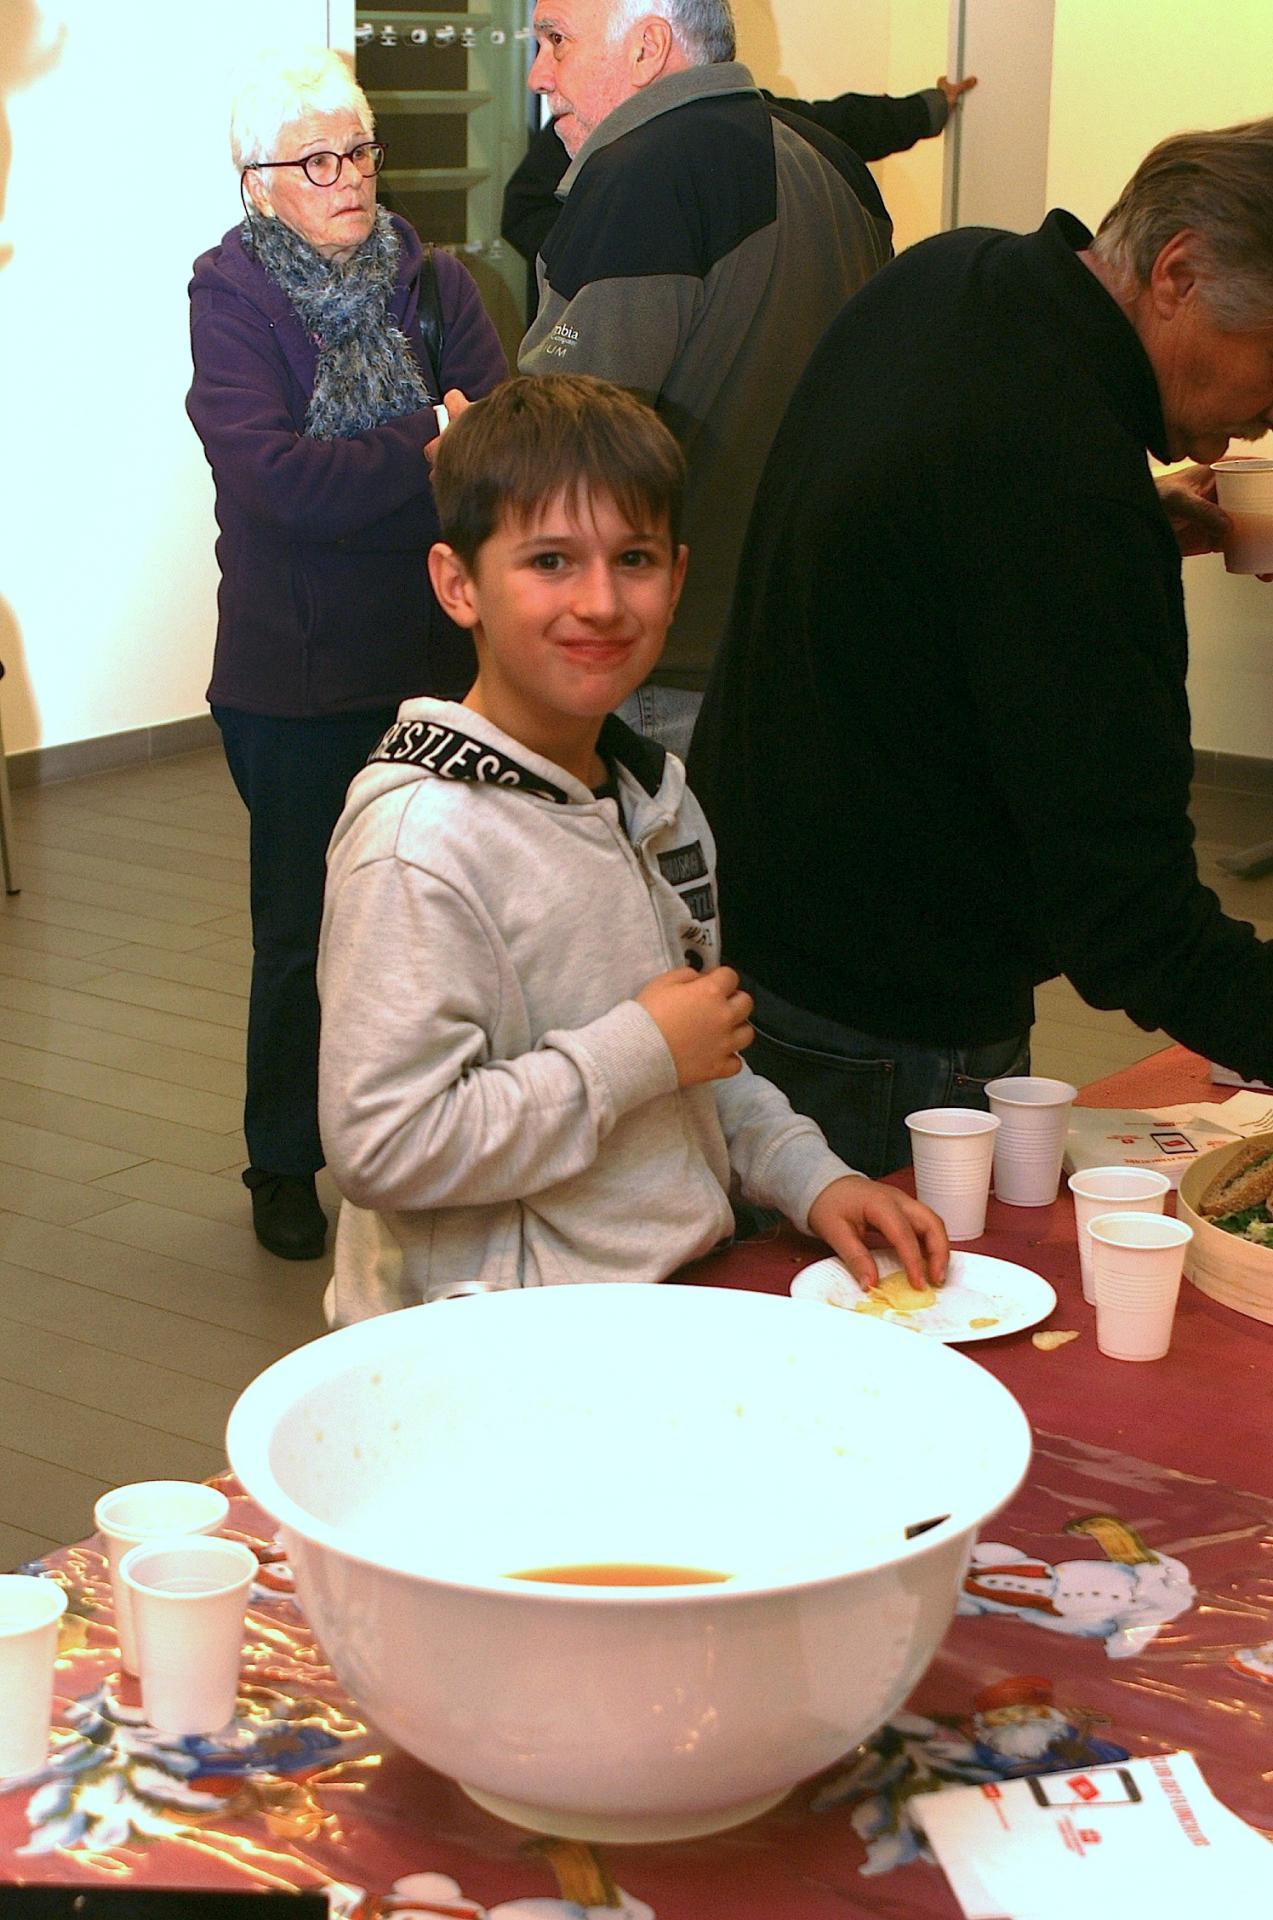 18 - Un petit gars souriant :  il a vidé son assiette.